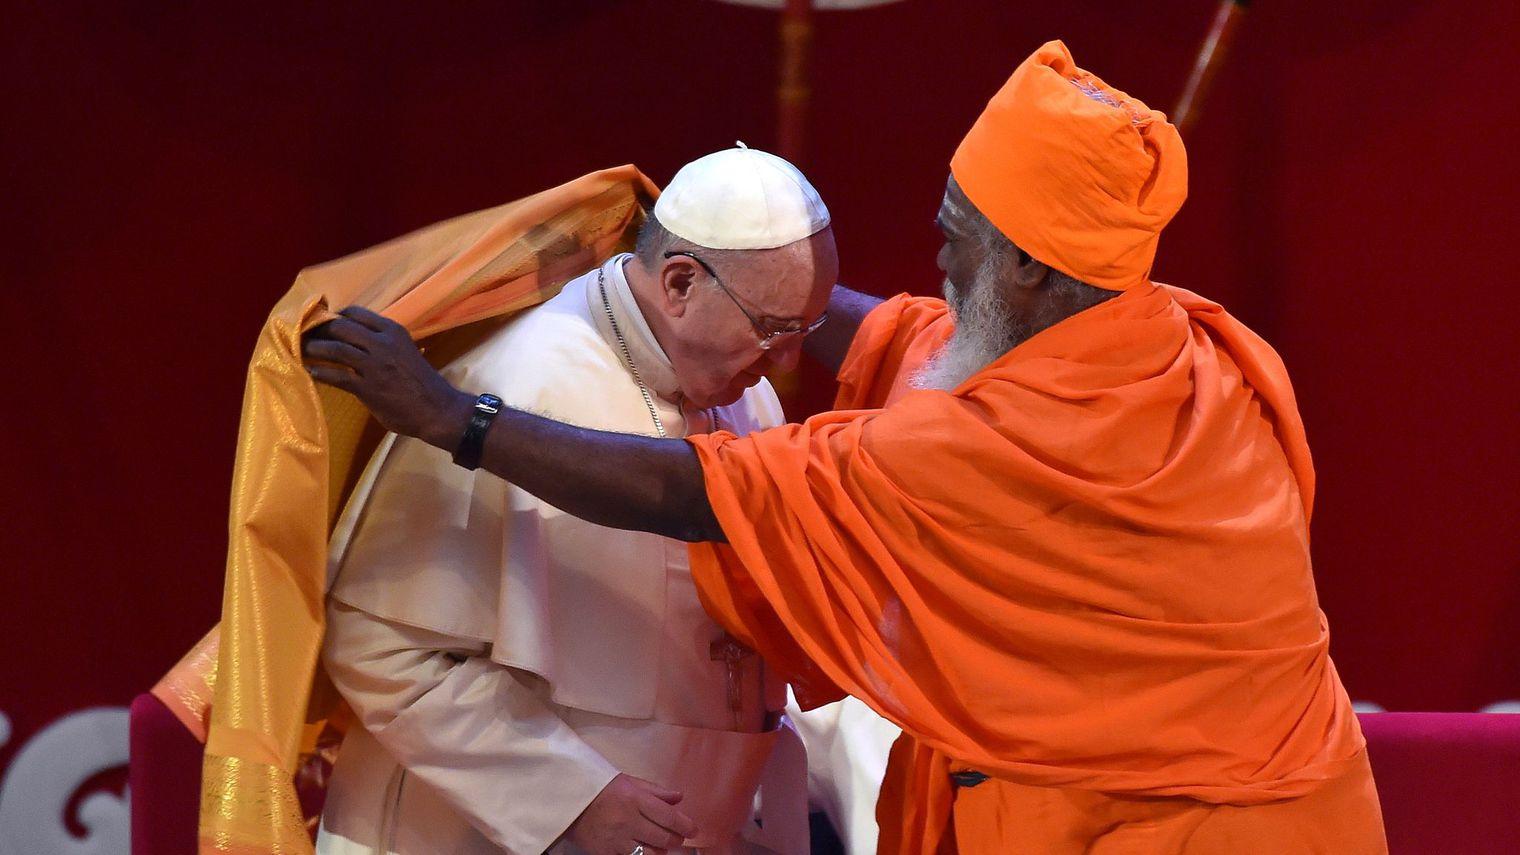 le-pape-francois-recoit-une-echarpe-safran-d-un-dignitaire-hindou-lors-d-une-rencontre-inter-religieuse-a-colombo-au-sri-lanka-le-13-janvier-2015_5187049